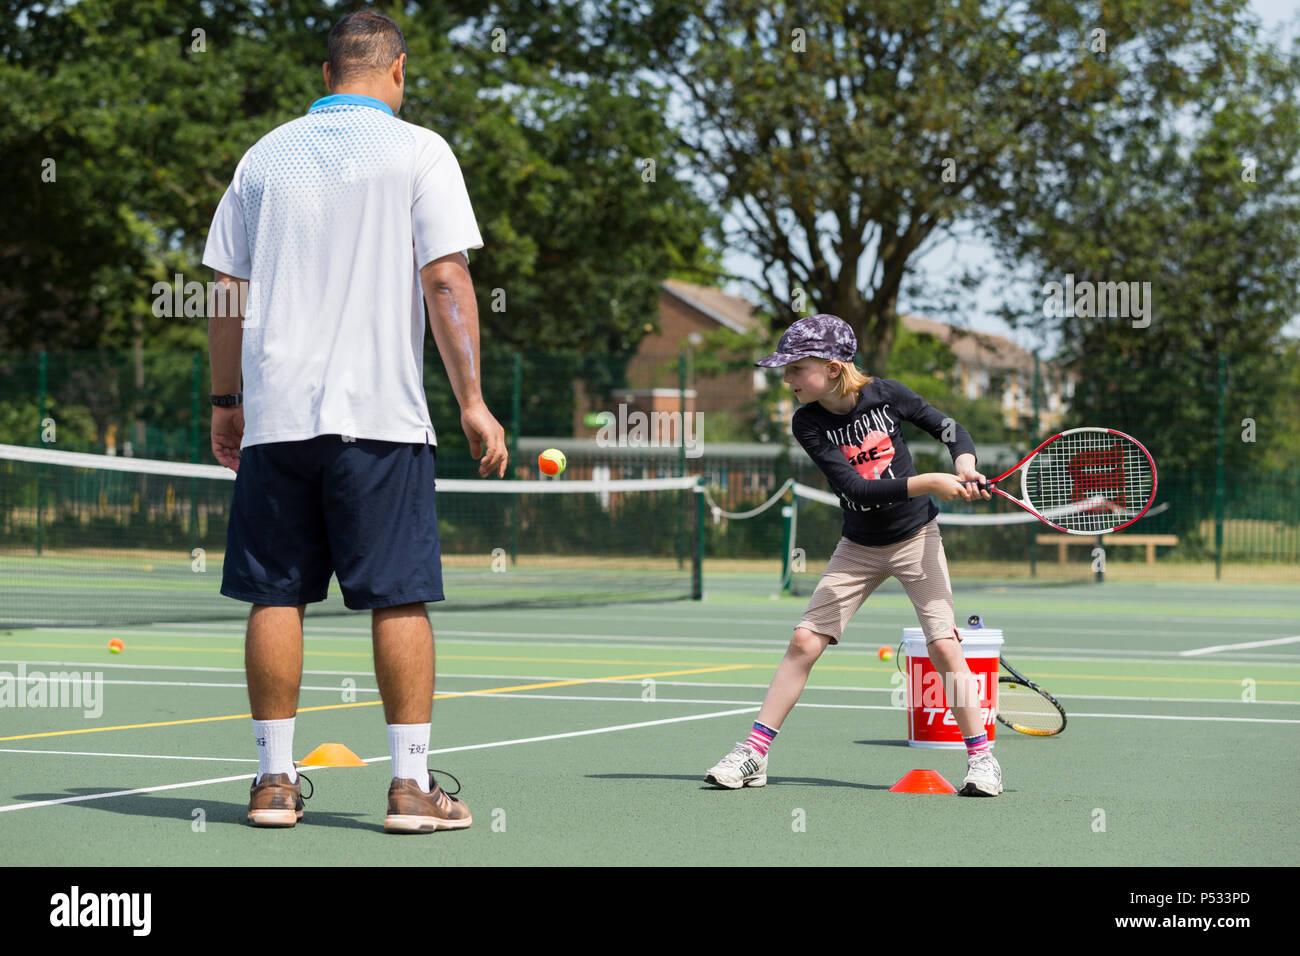 Tennis per bambini la sessione di coaching / lezione che si svolge su una full-size campo da tennis con i bambini / bambini e professional tennis pullman, in estate. Regno Unito. (99) Immagini Stock